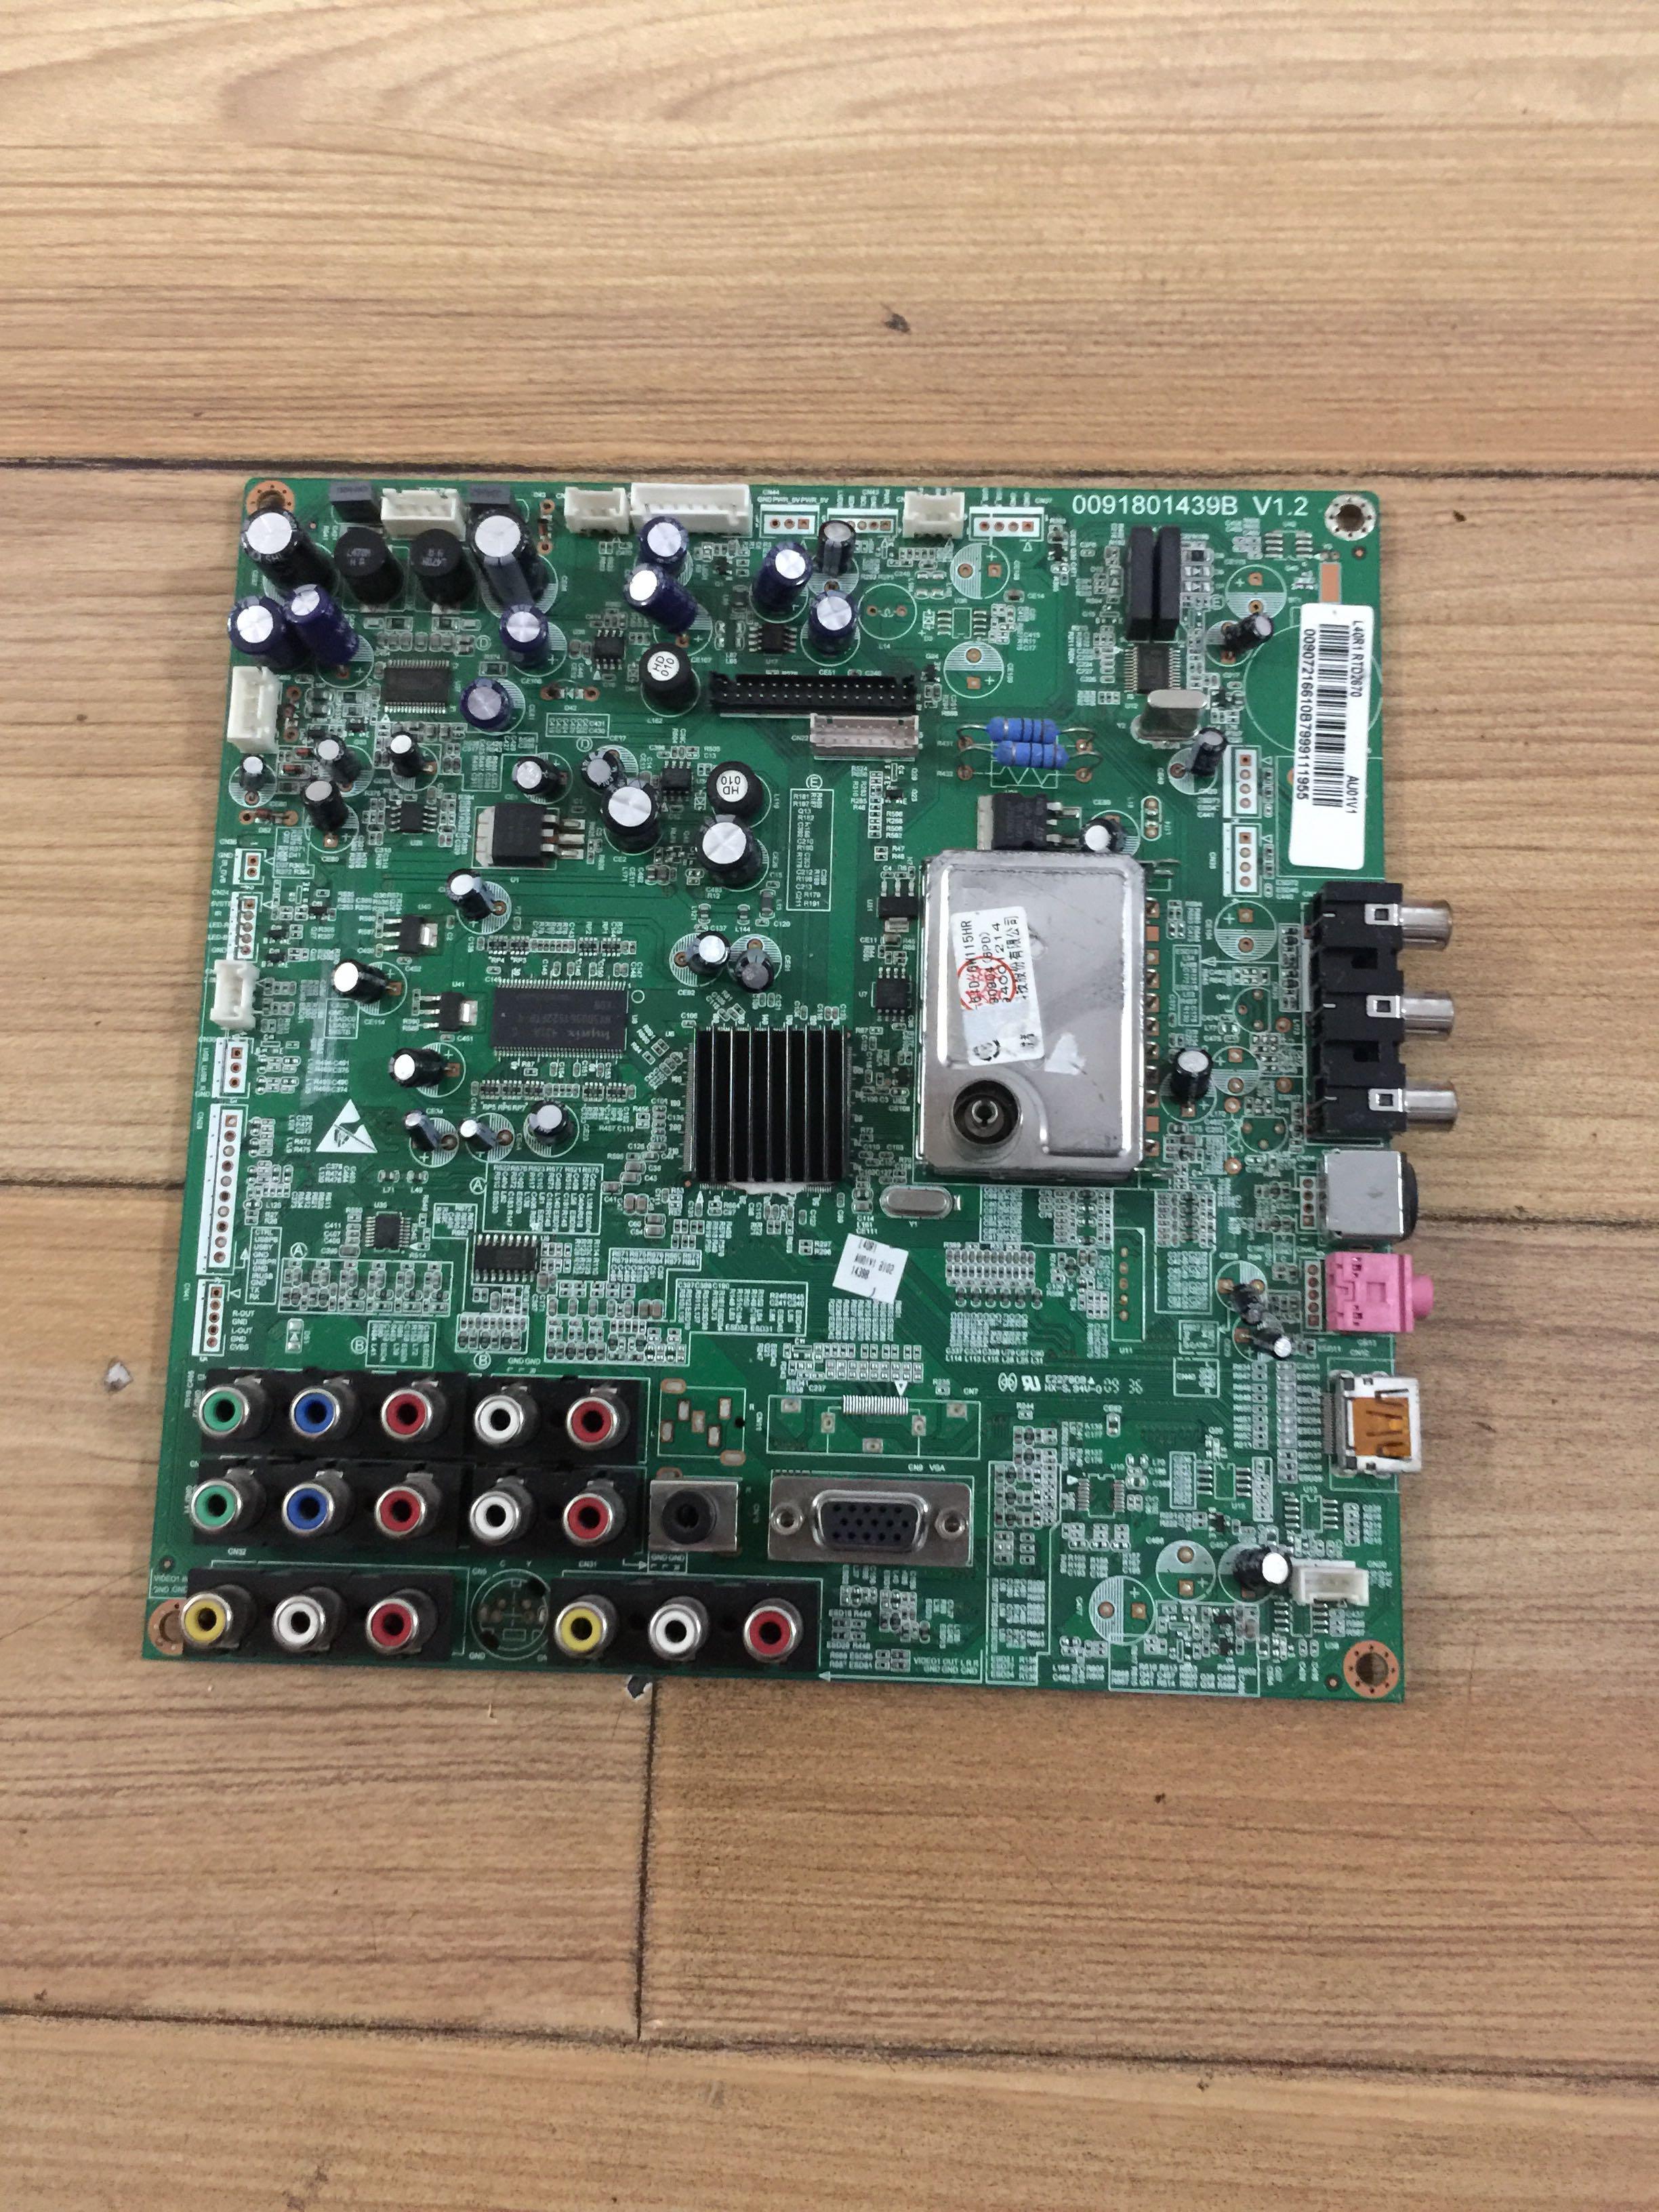 液晶电视海尔L32R1B L32R1 L37K1 L40R1 L42R1主板0091801439B,可领取3元淘宝优惠券